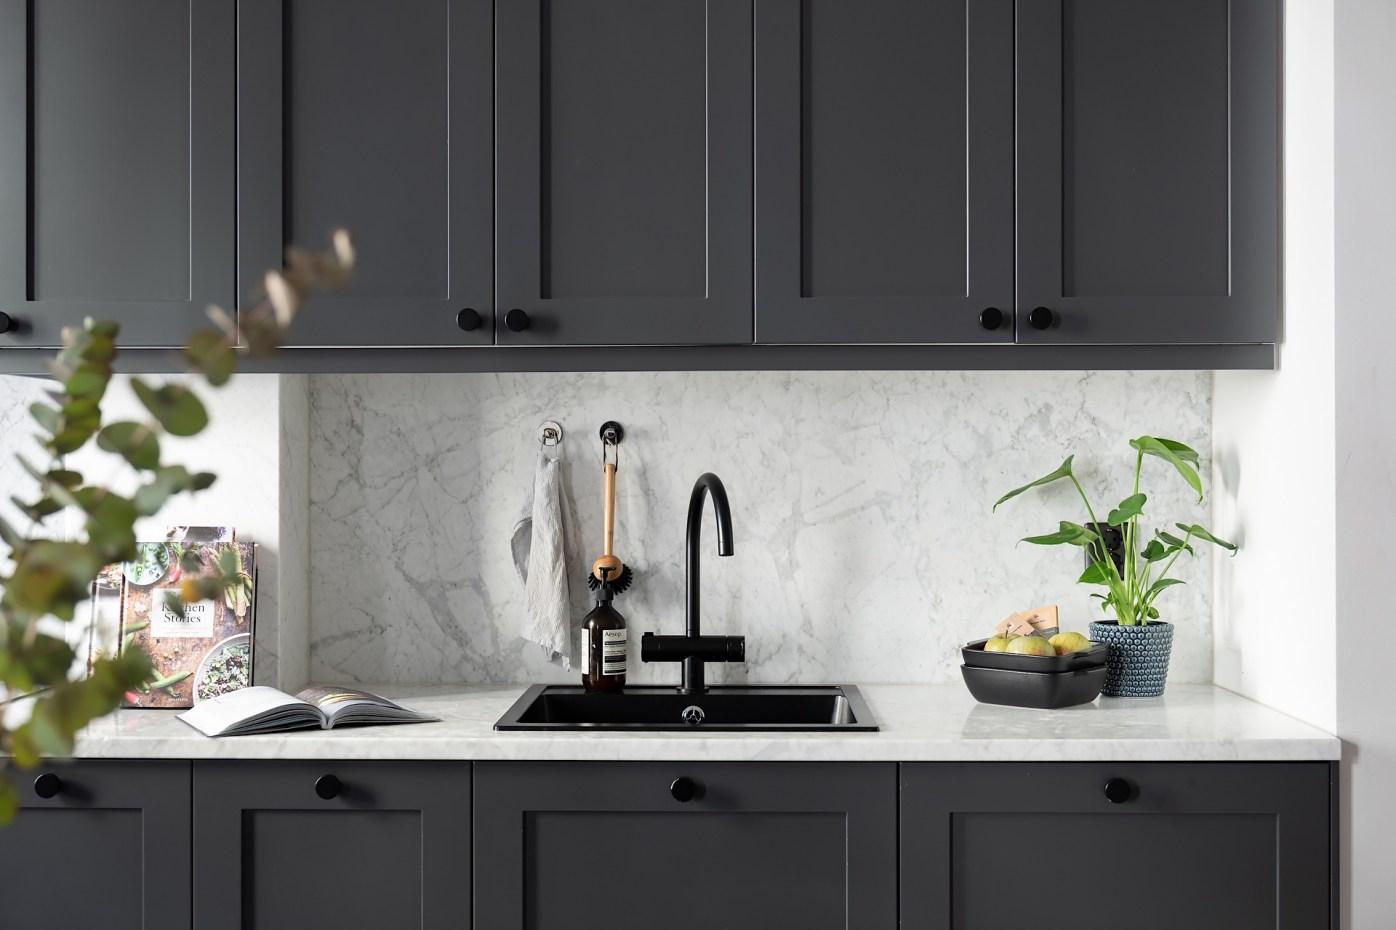 30638 black kitchen sink